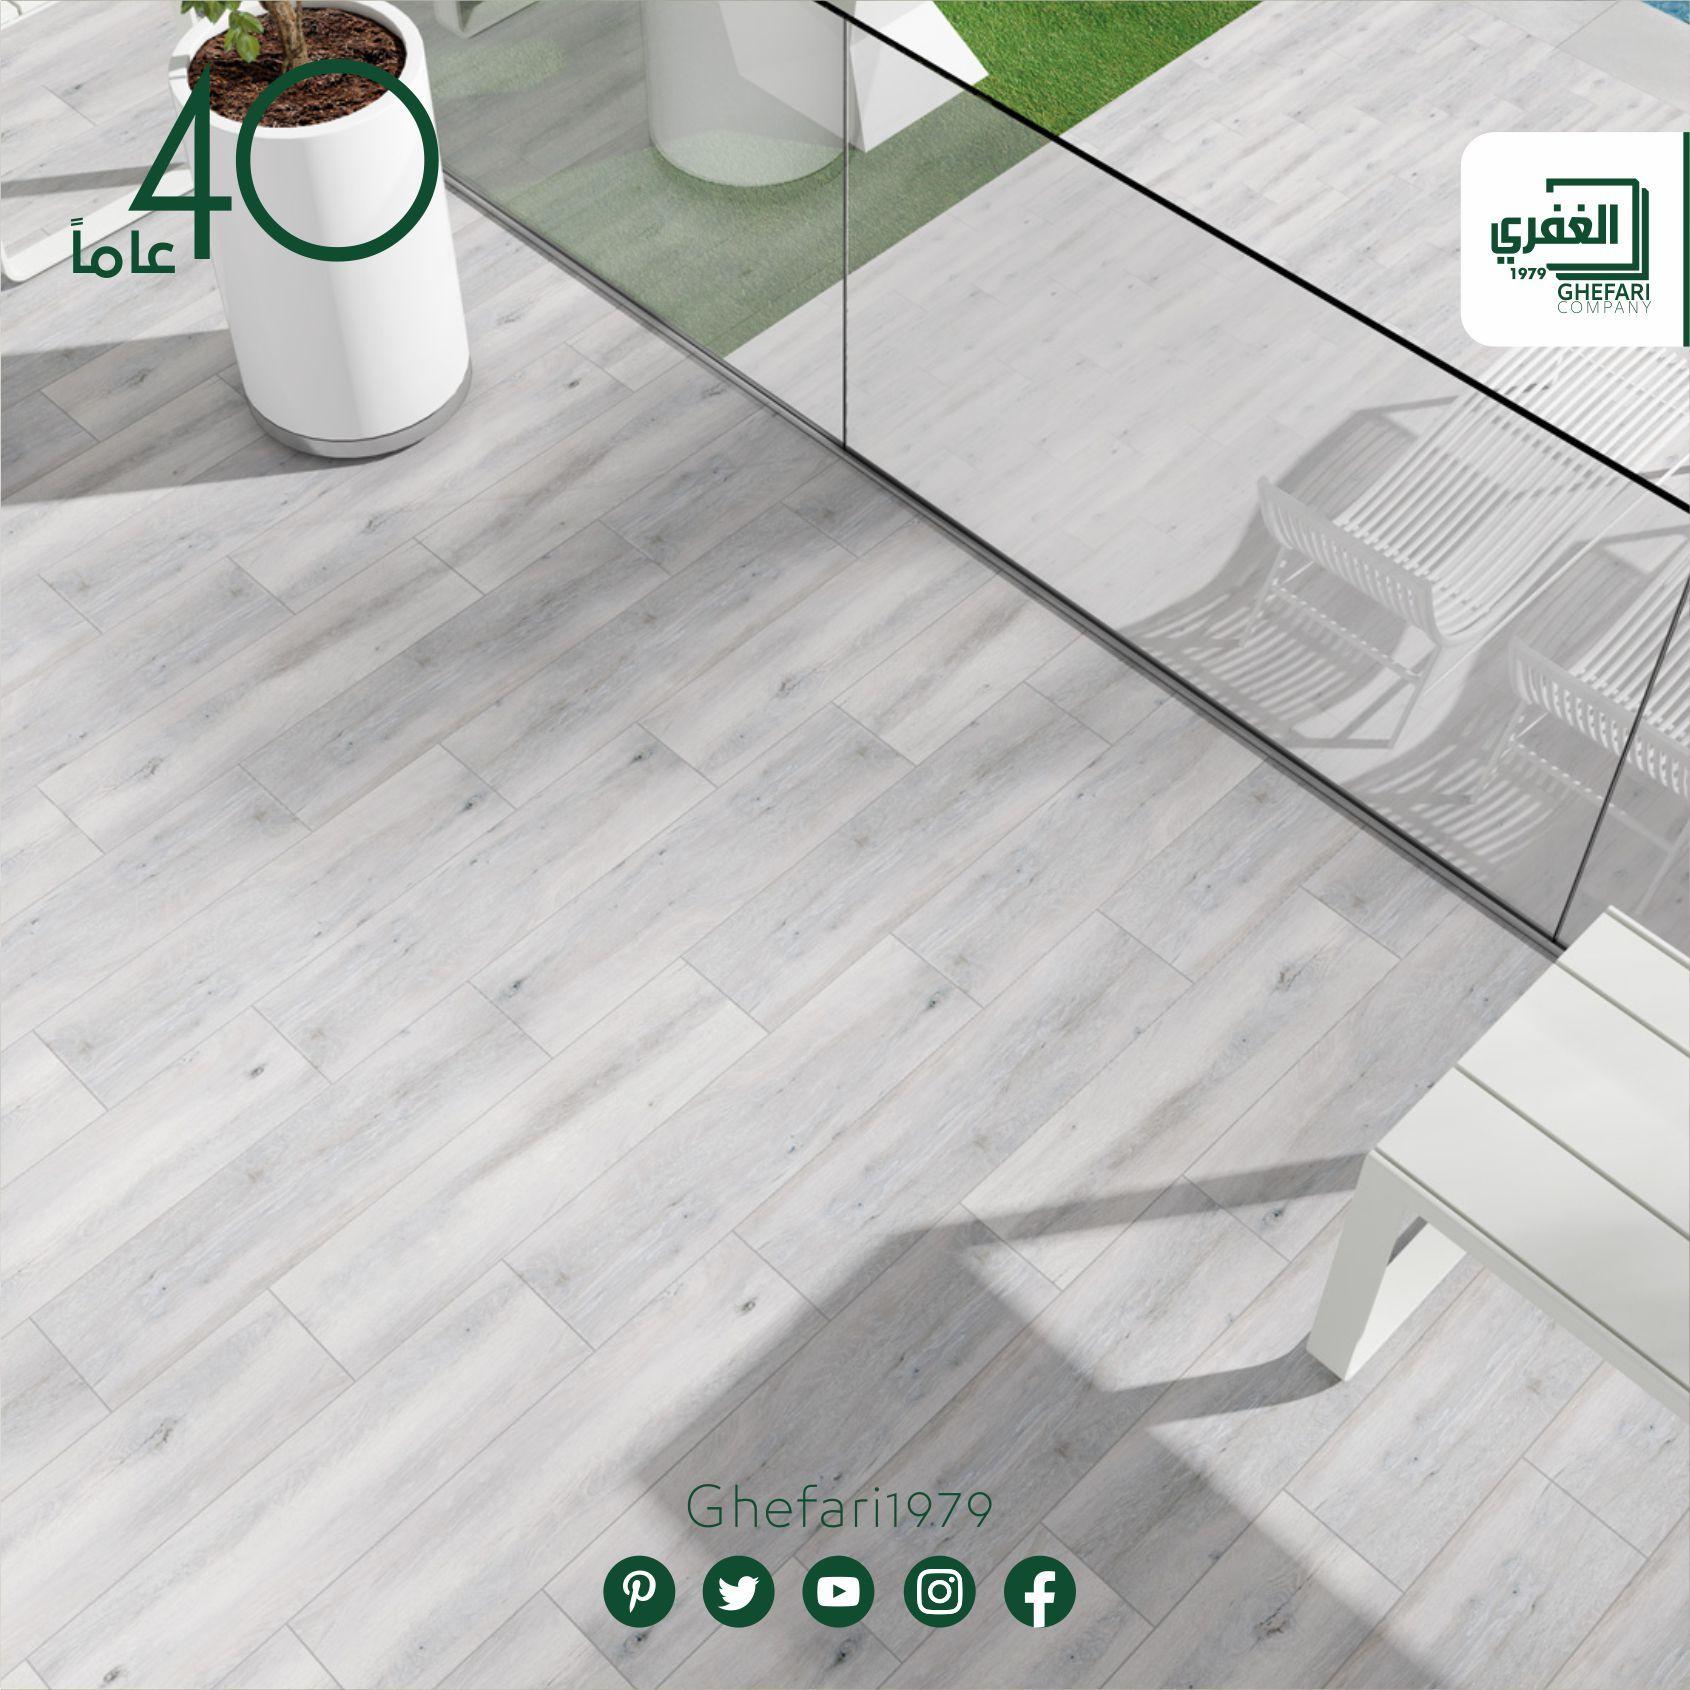 باركيه بورسلان مقاس 15x60 اسباني الصنع موديلات 2020 2019 للمزيد زورونا على موقع الشركة Www Ghefari Com الرقم المجاني 1700 25 Flooring Tile Floor Tiles